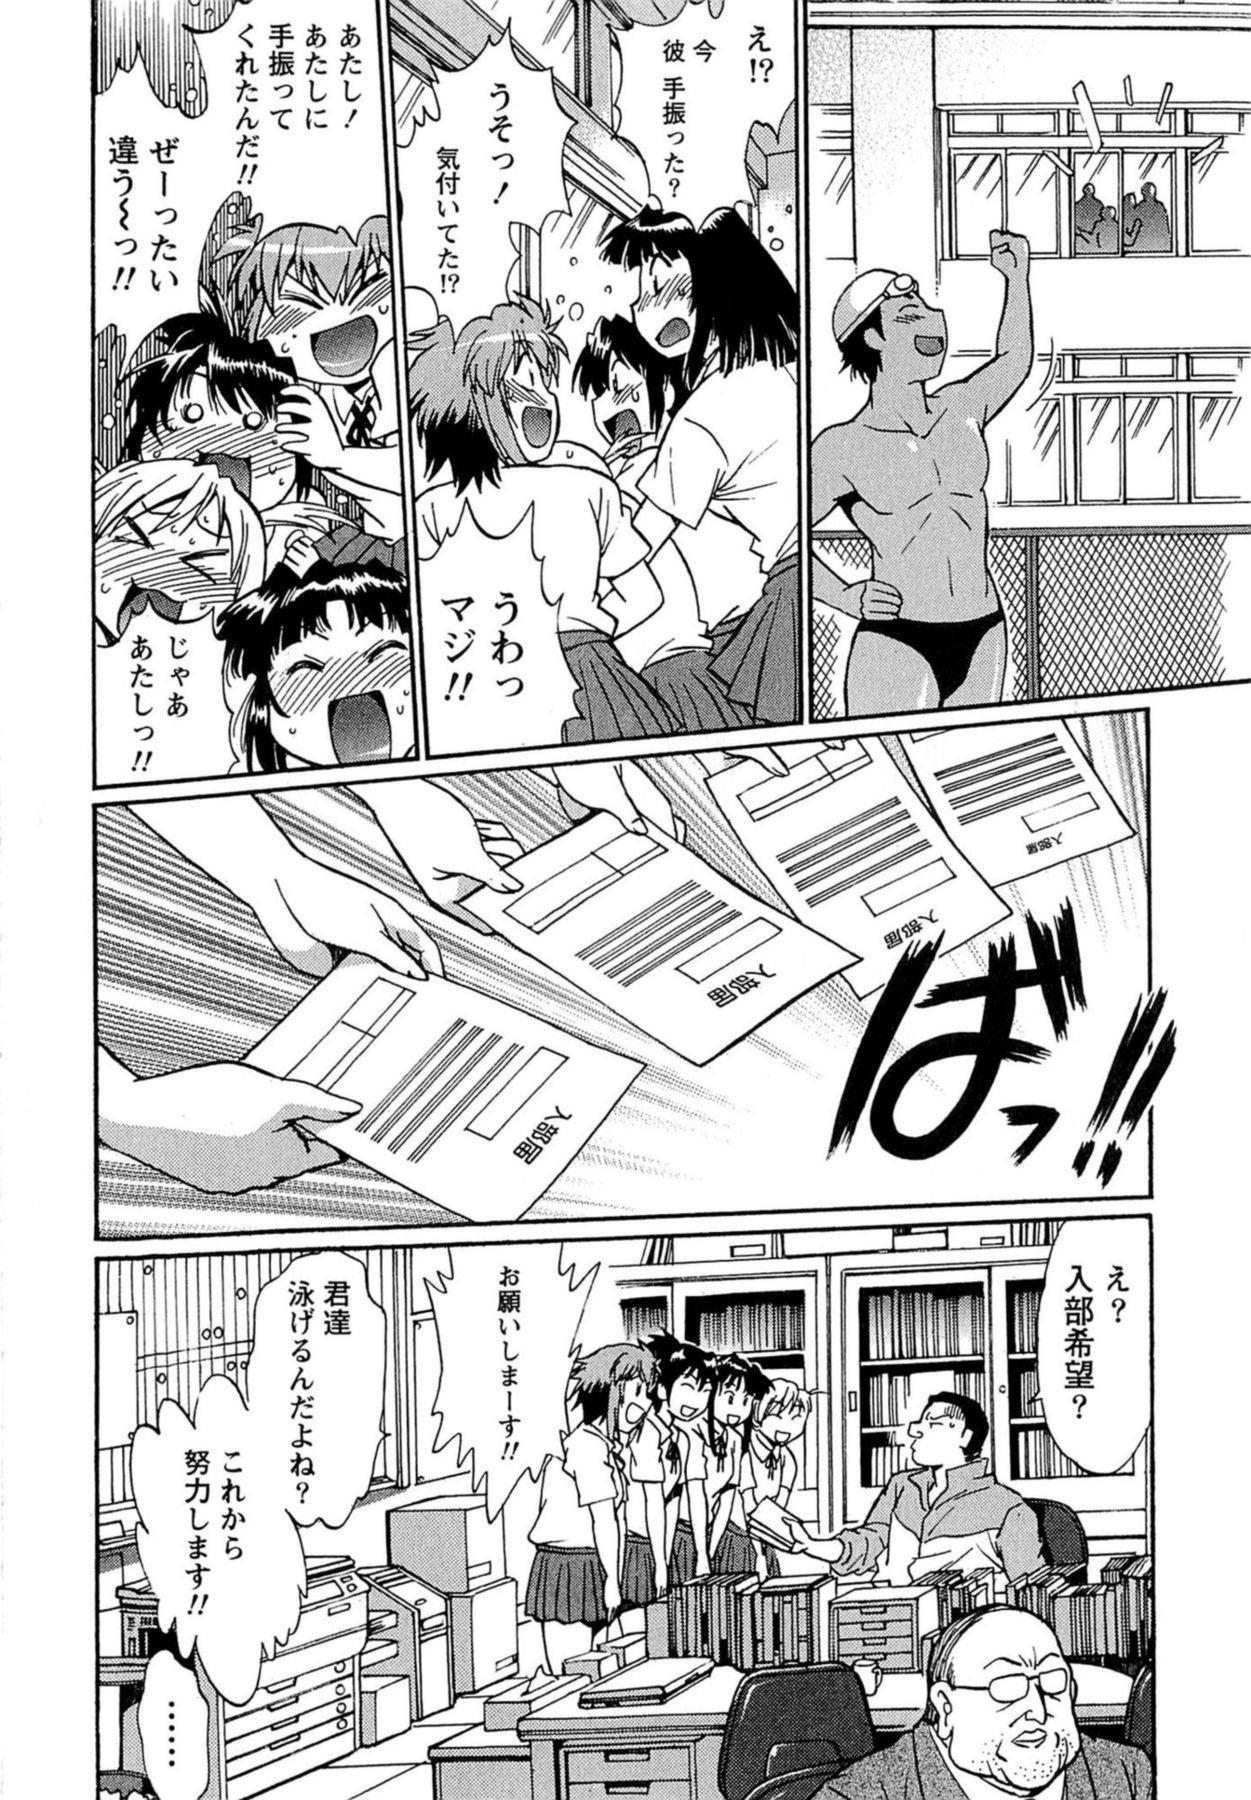 Kuikomi wo Naoshiteru Hima wa Nai! Vol. 1 36